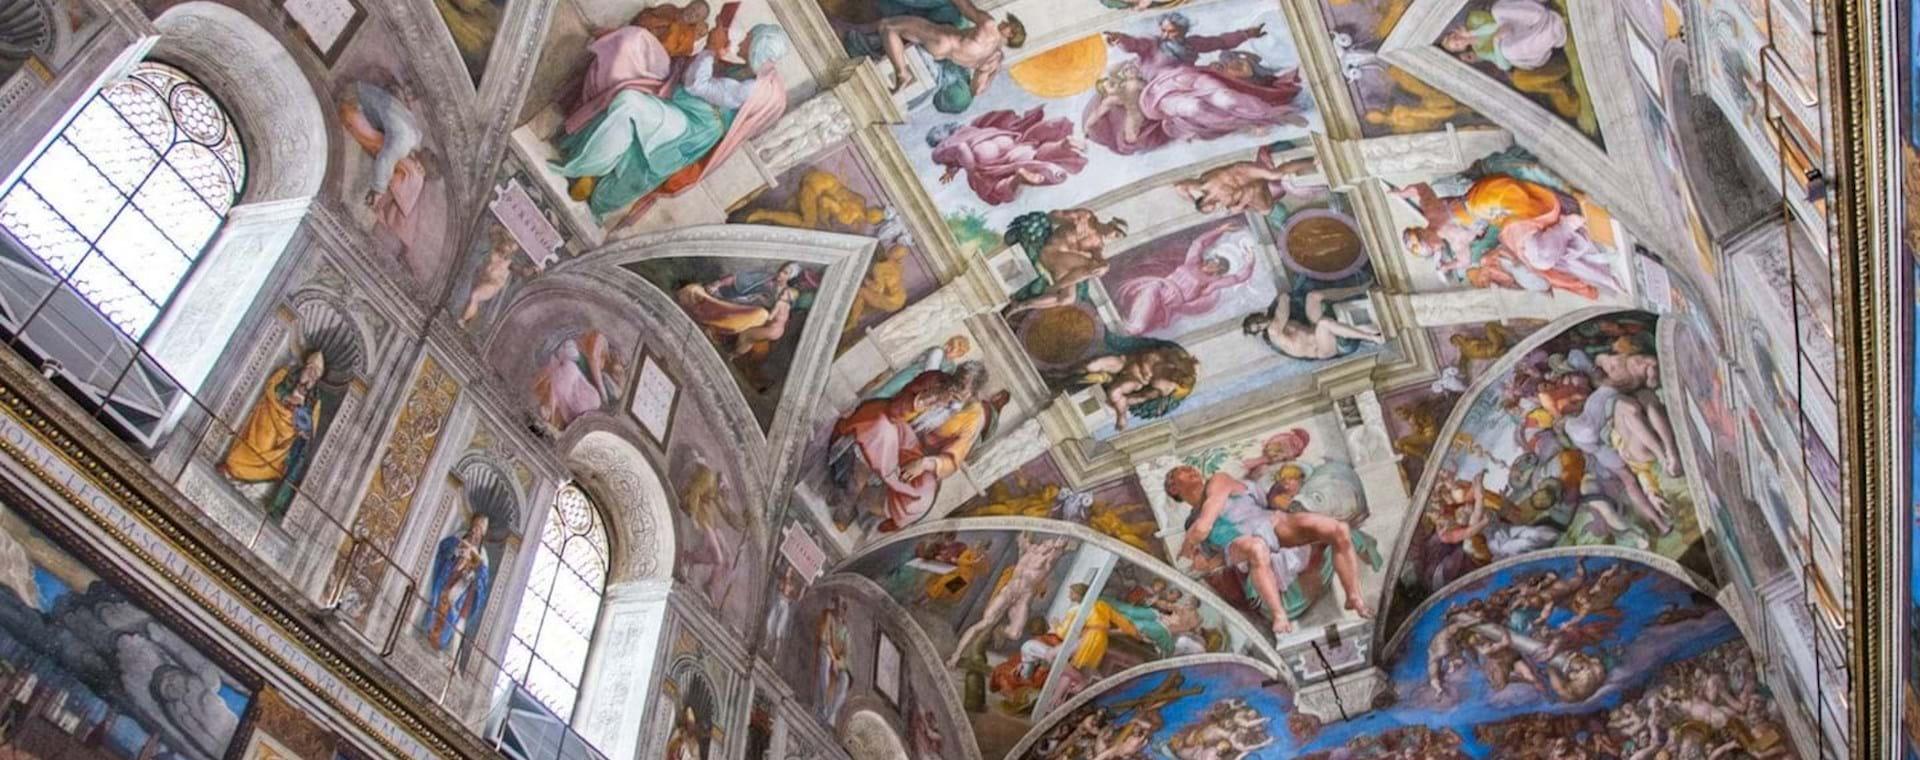 Billetes de entrada a los Museos Vaticanos